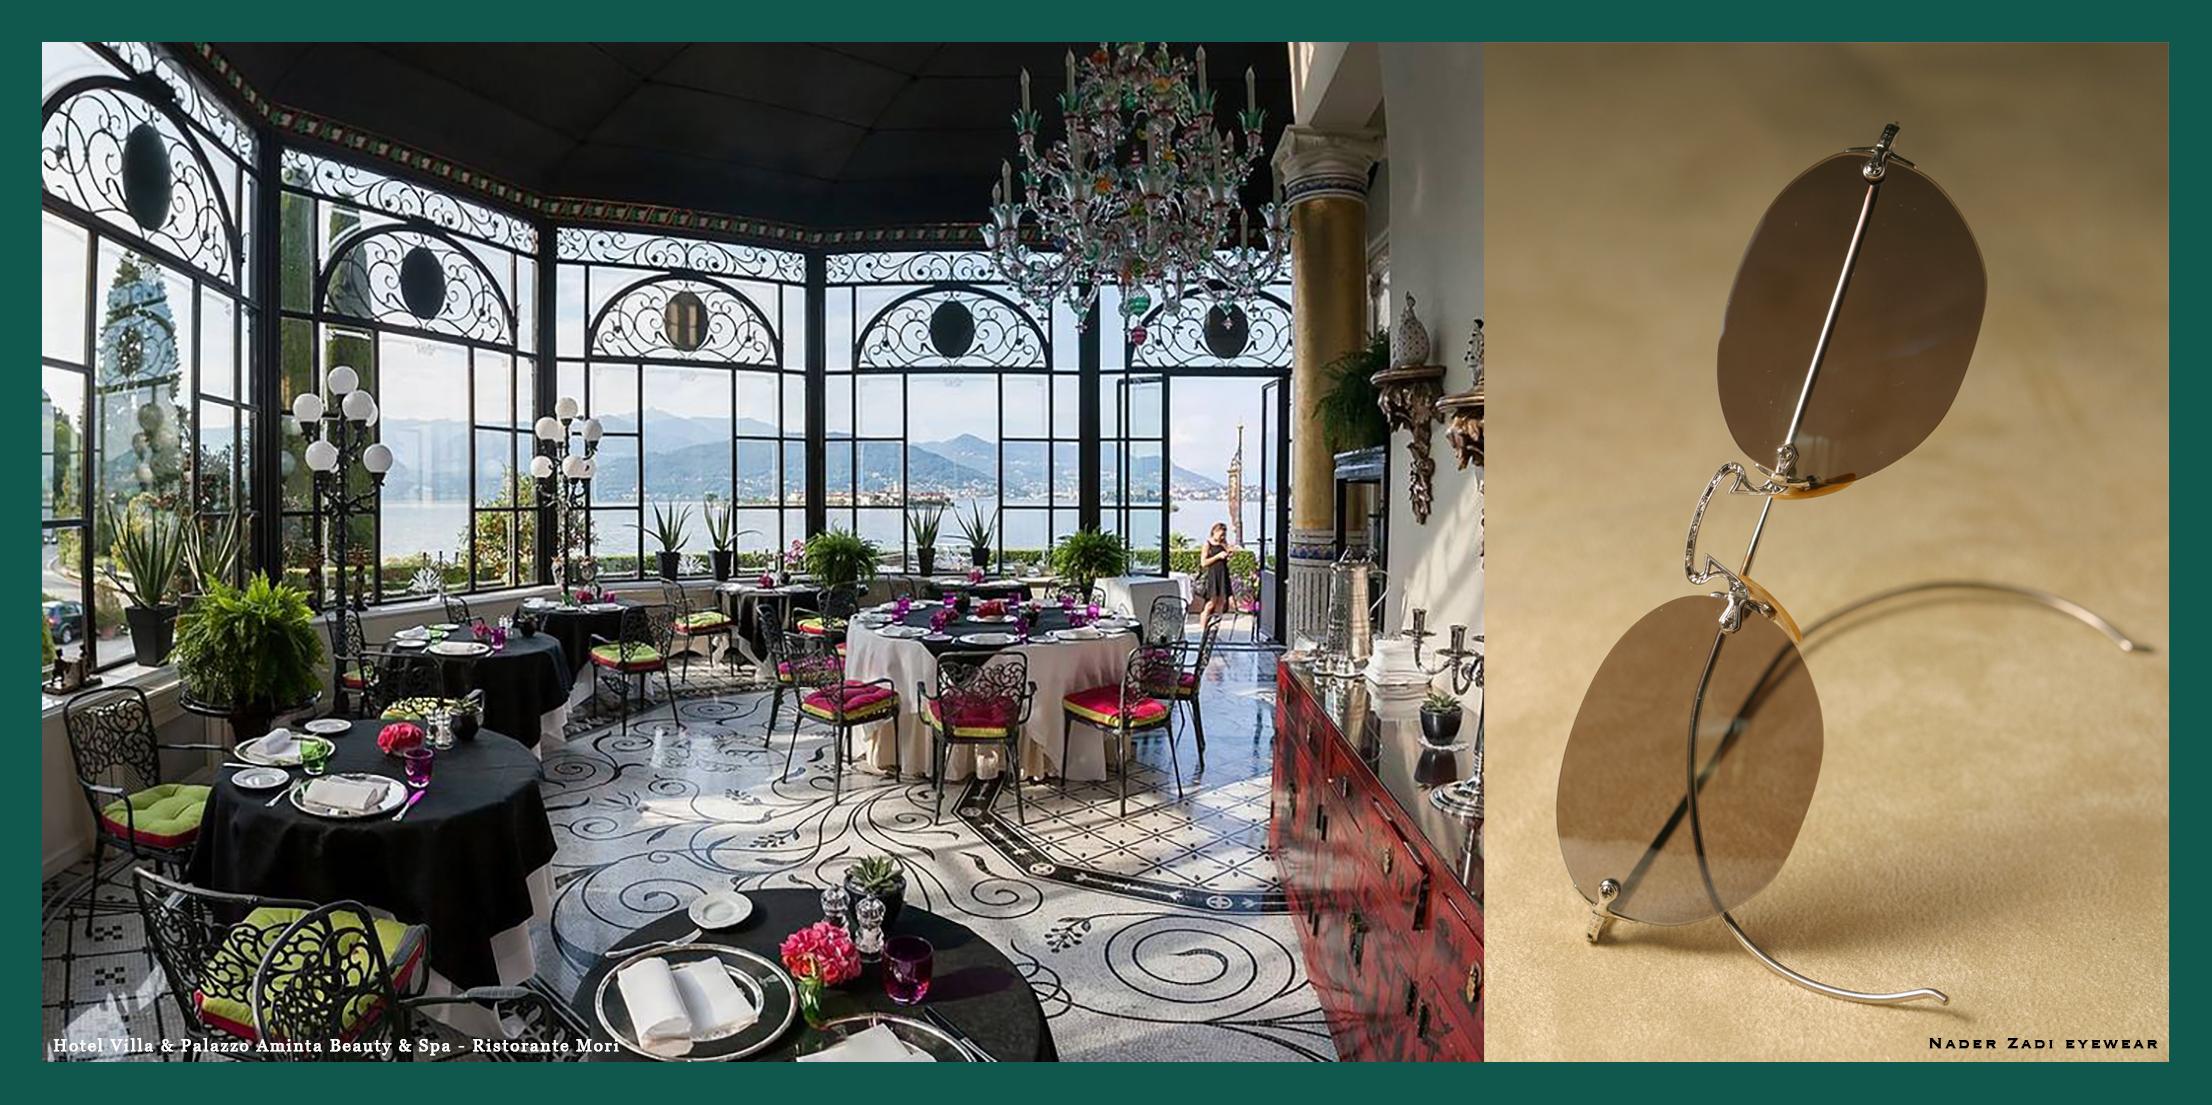 Destination: Stresa, Lake Maggiore, Italy – I